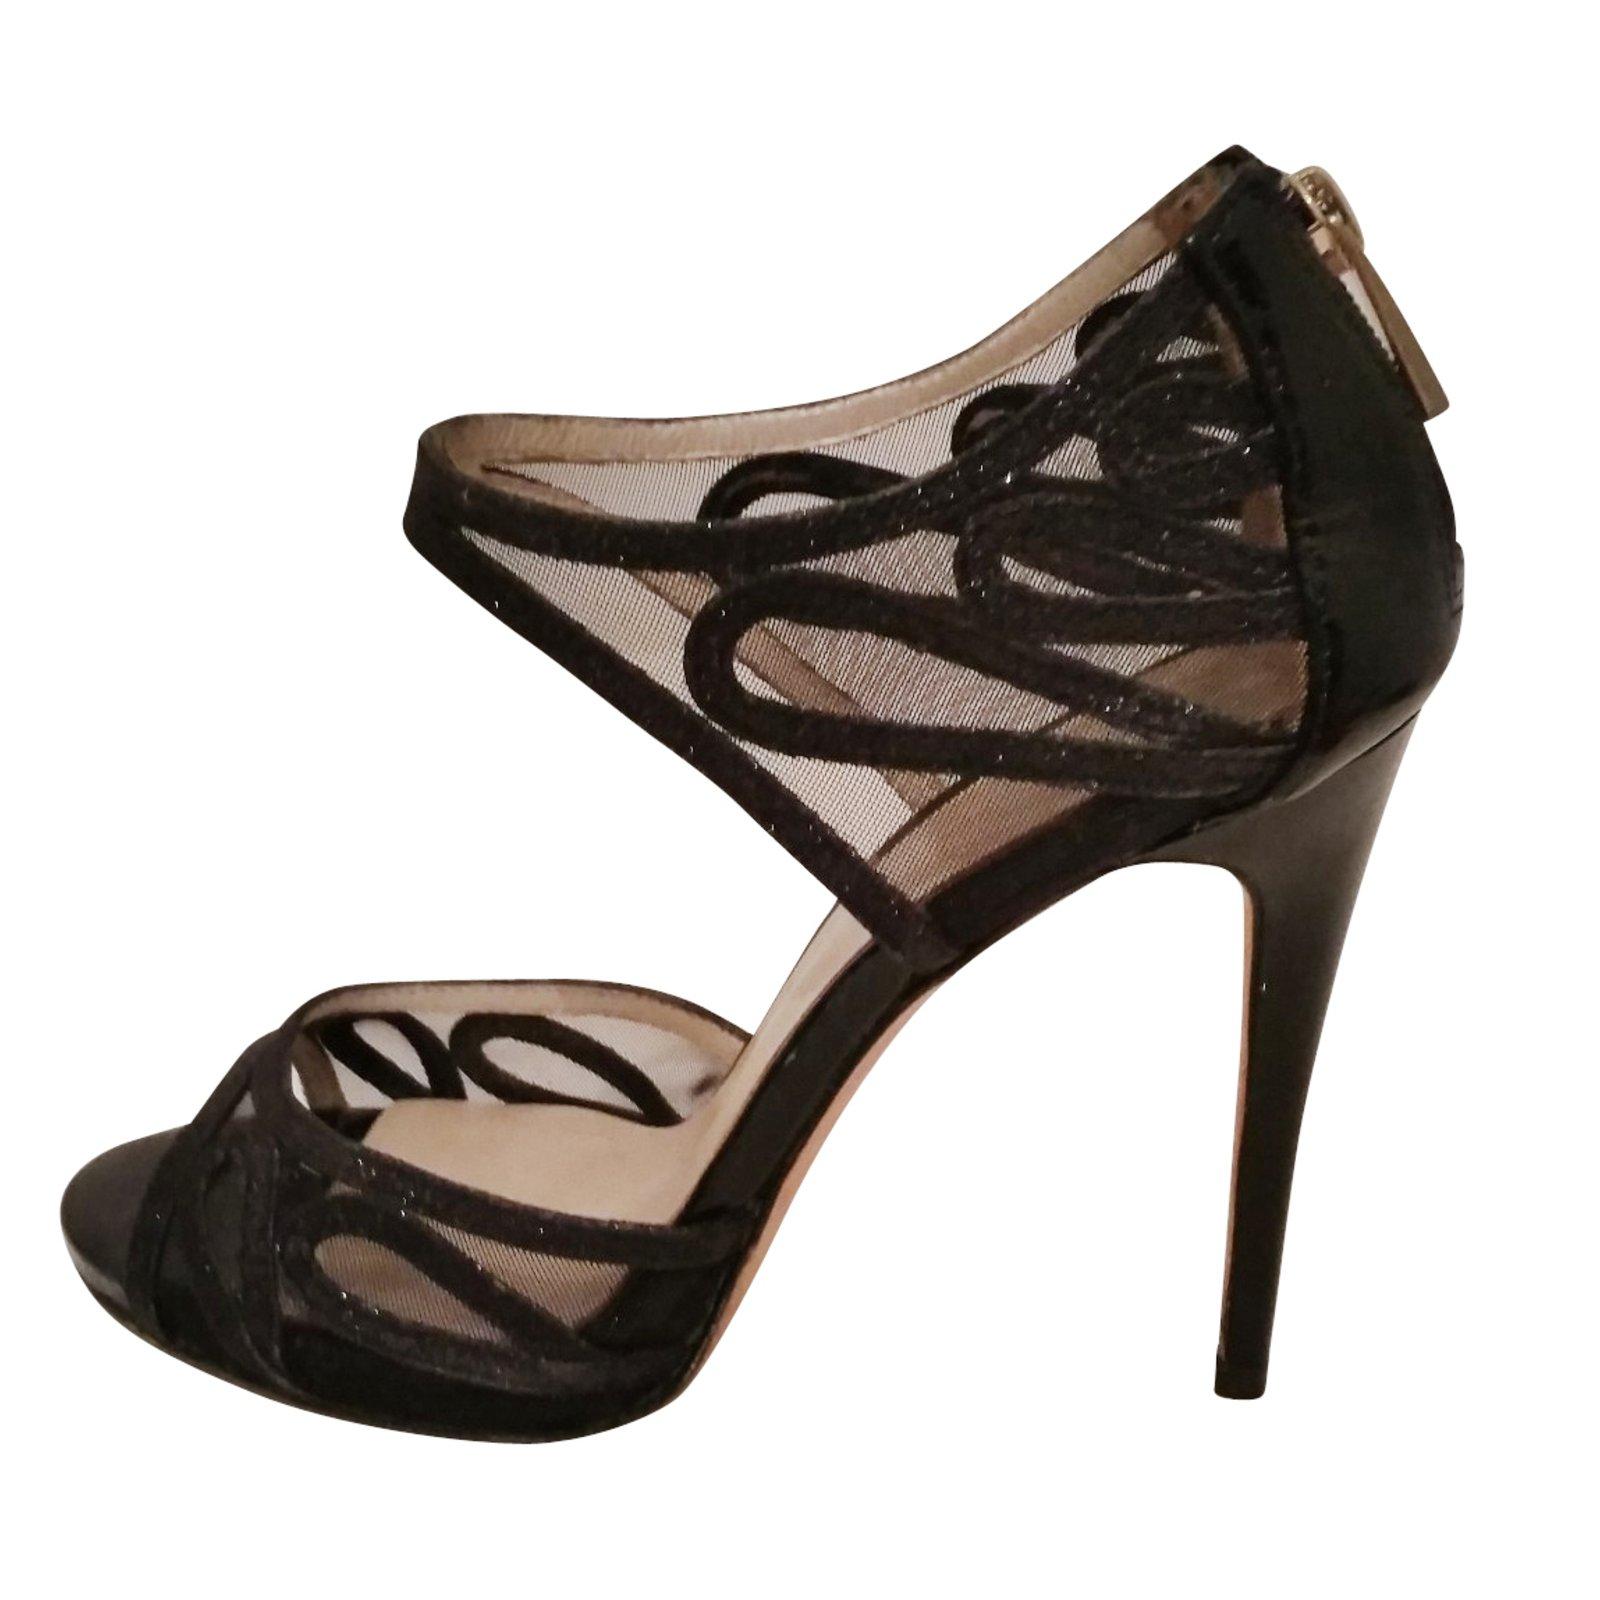 80d29db75ba Karen Millen Heels Heels Patent leather Black ref.8056 - Joli Closet